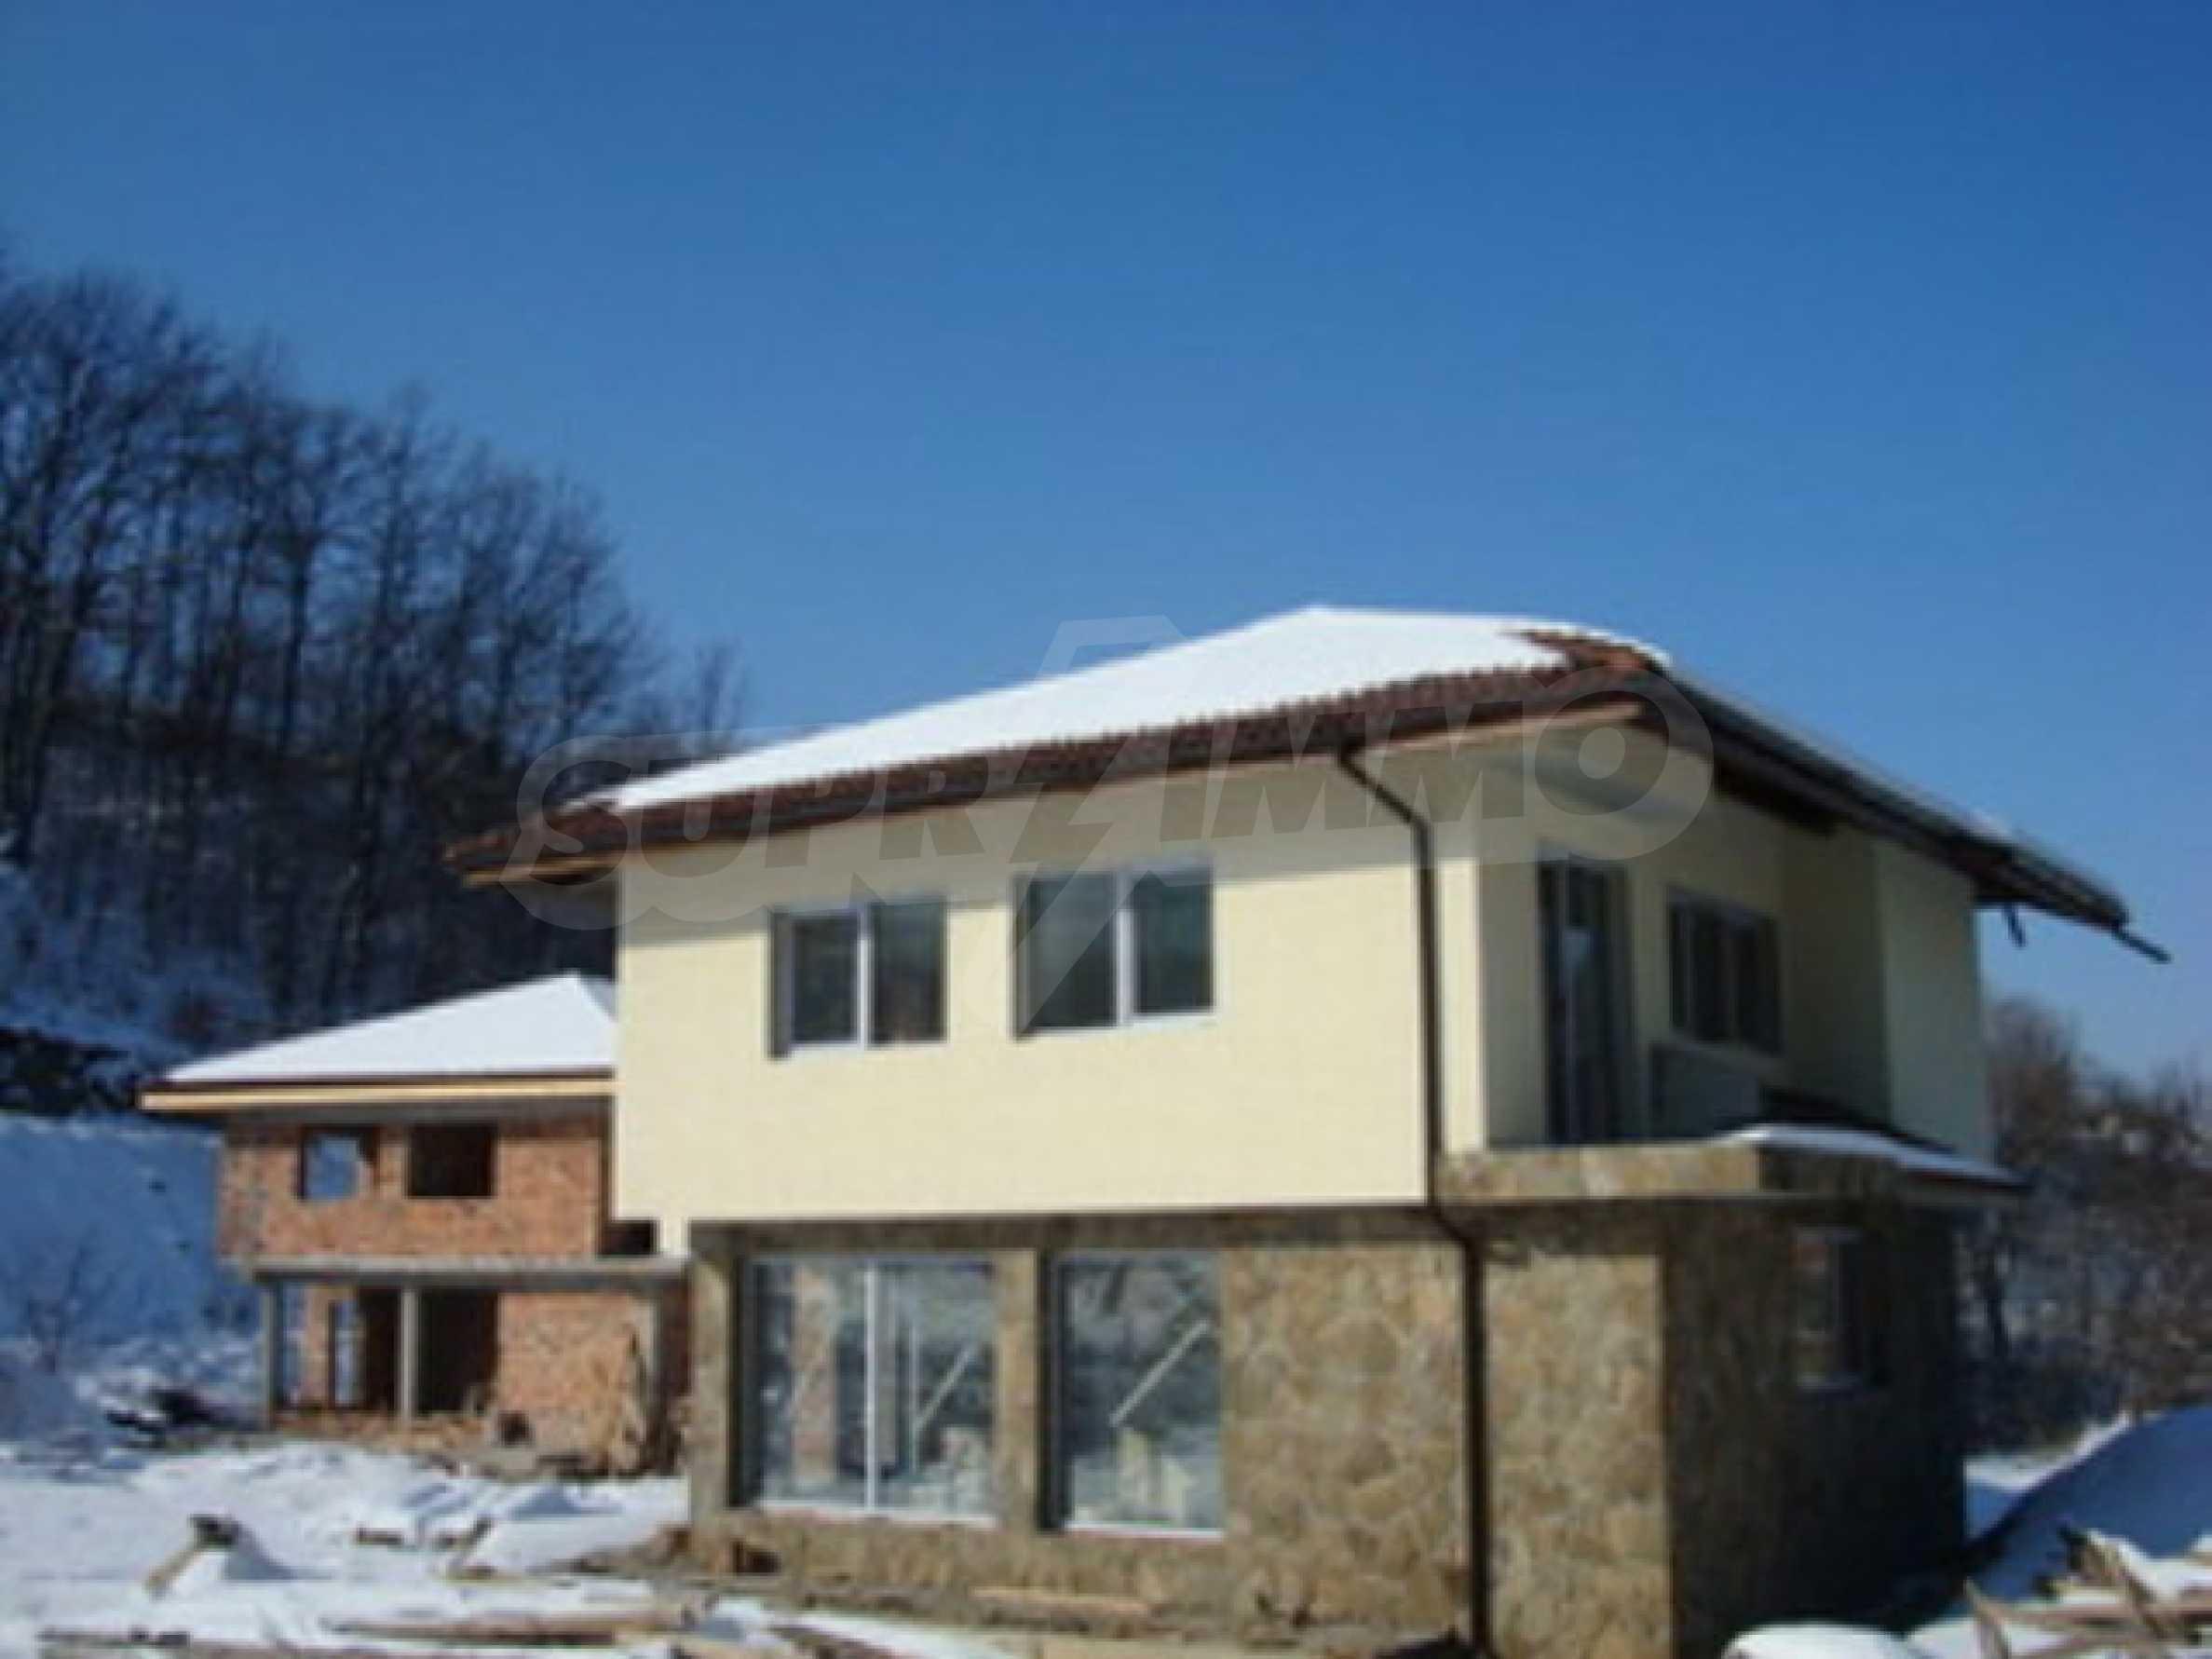 Feriendorfprojekt in der Nähe von Teteven 3